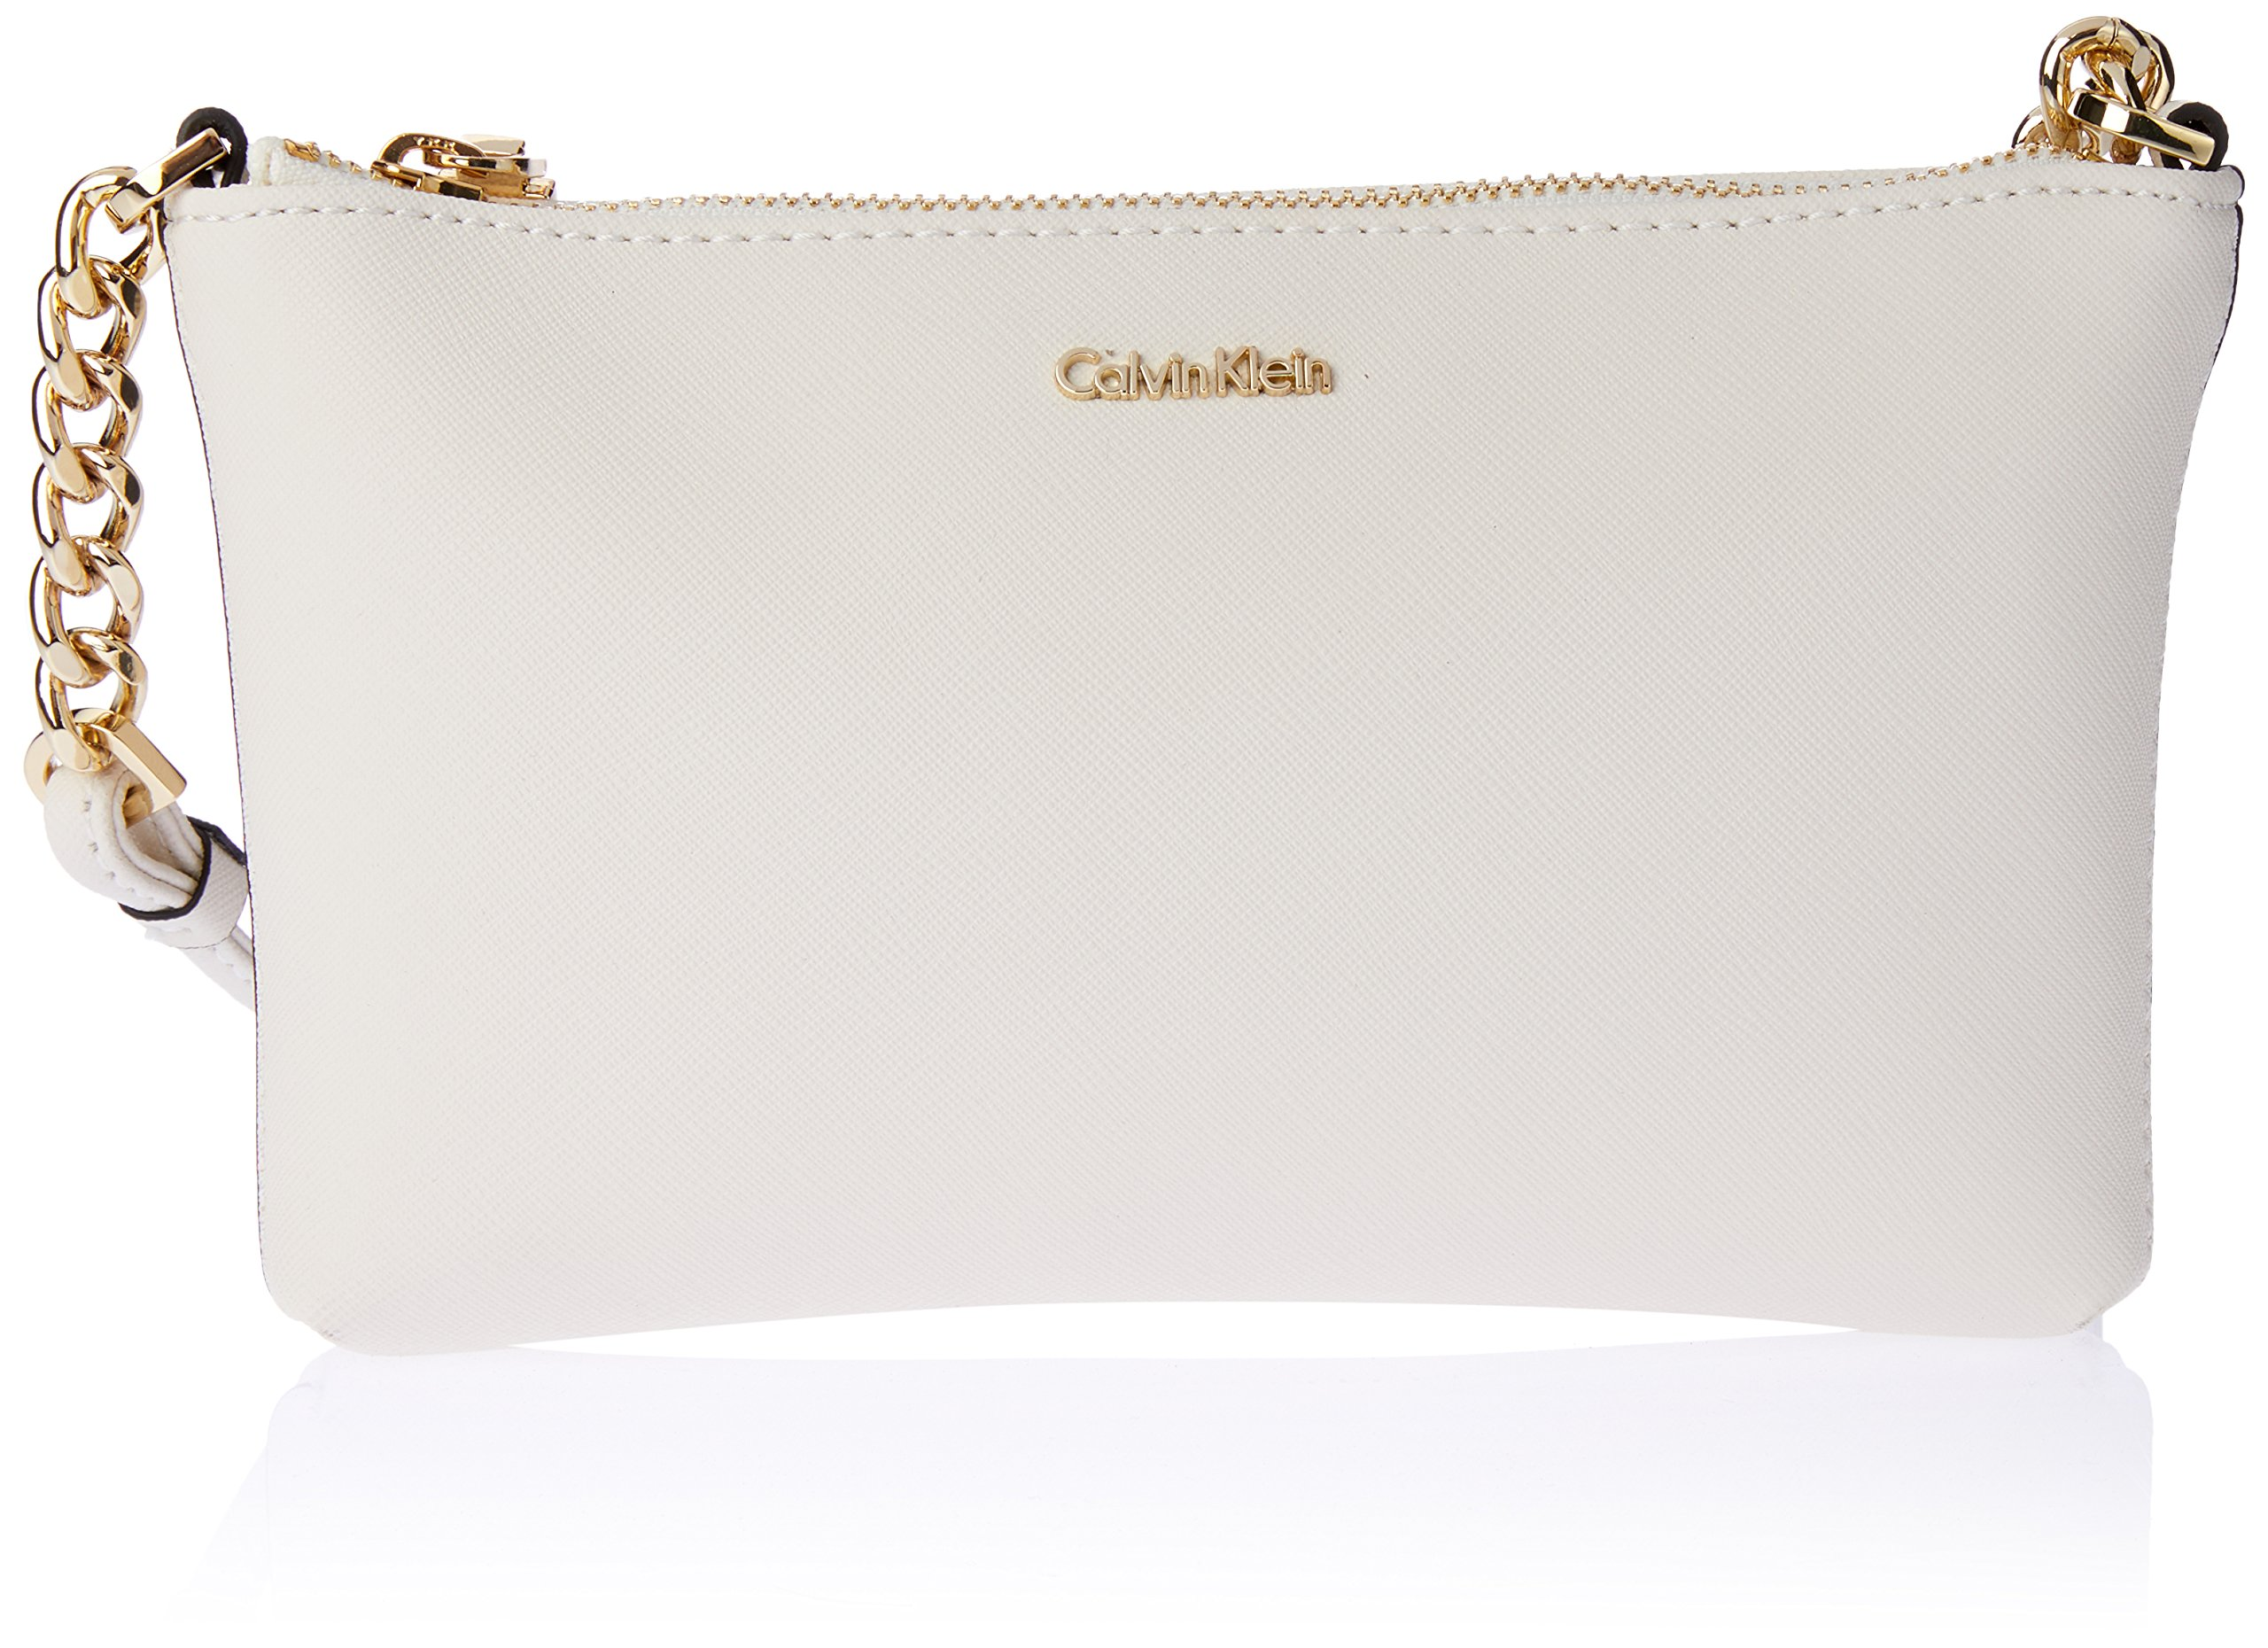 Calvin Klein Hayden Key Item Saffiano Top Zip Chain Crossbody, White